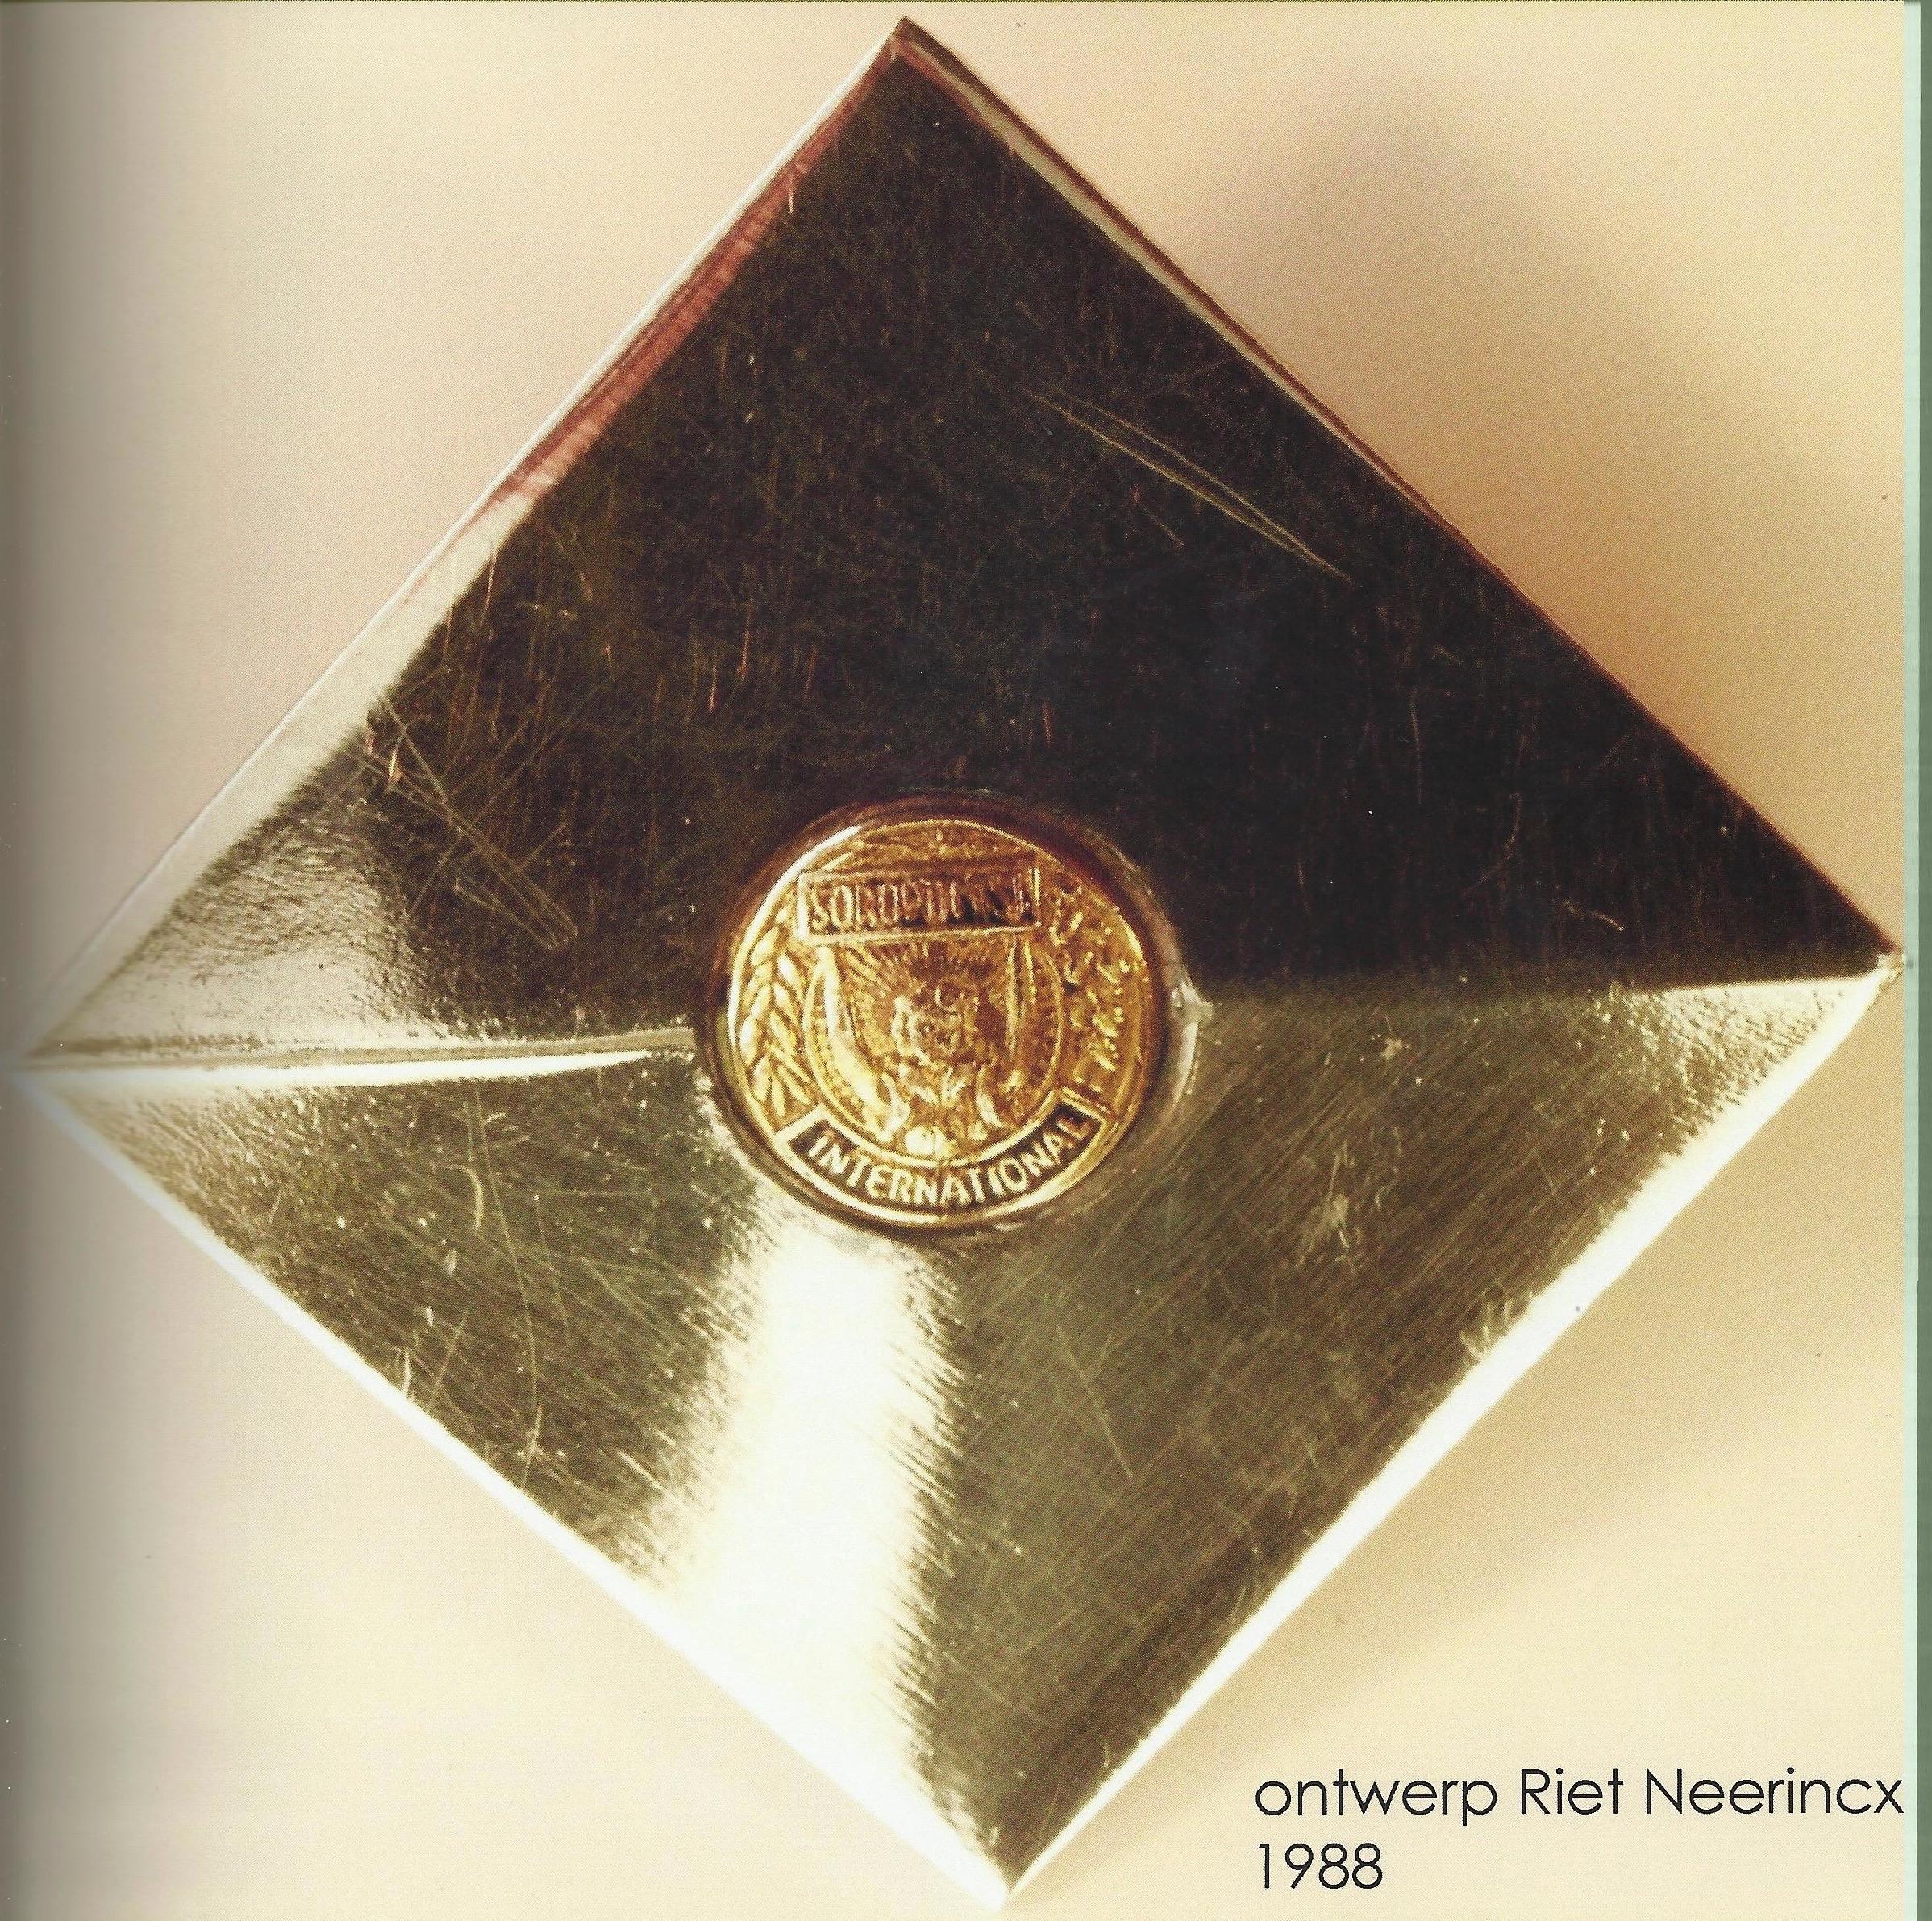 Riet Neerincx, Insigne Soroptimistenclub. 1988